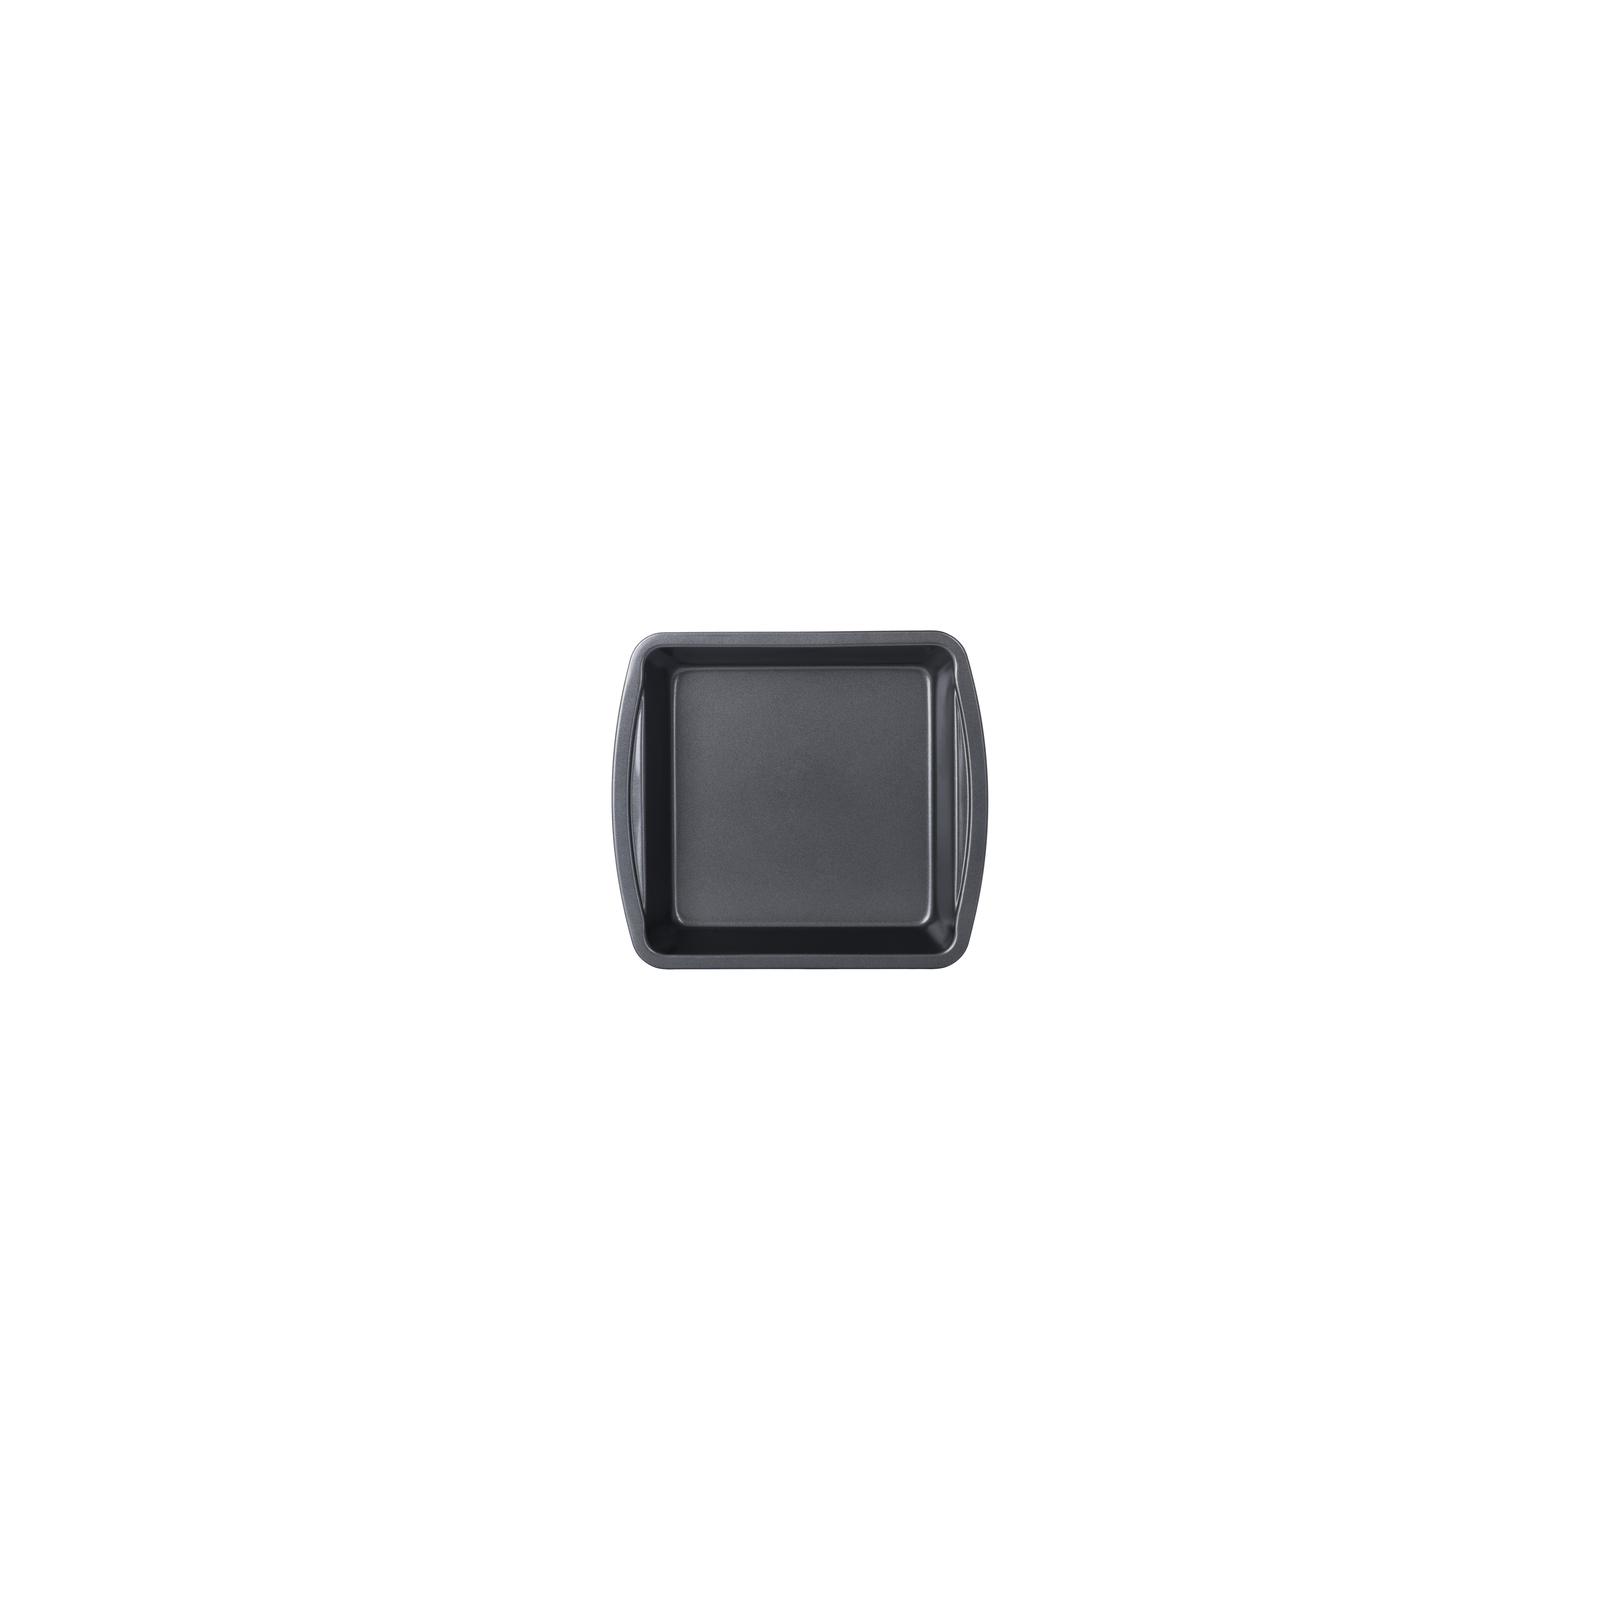 Форма для выпечки Ringel Strudel прямоугольная 26 х 23.5 х 4.5 см (RG-10202) изображение 2